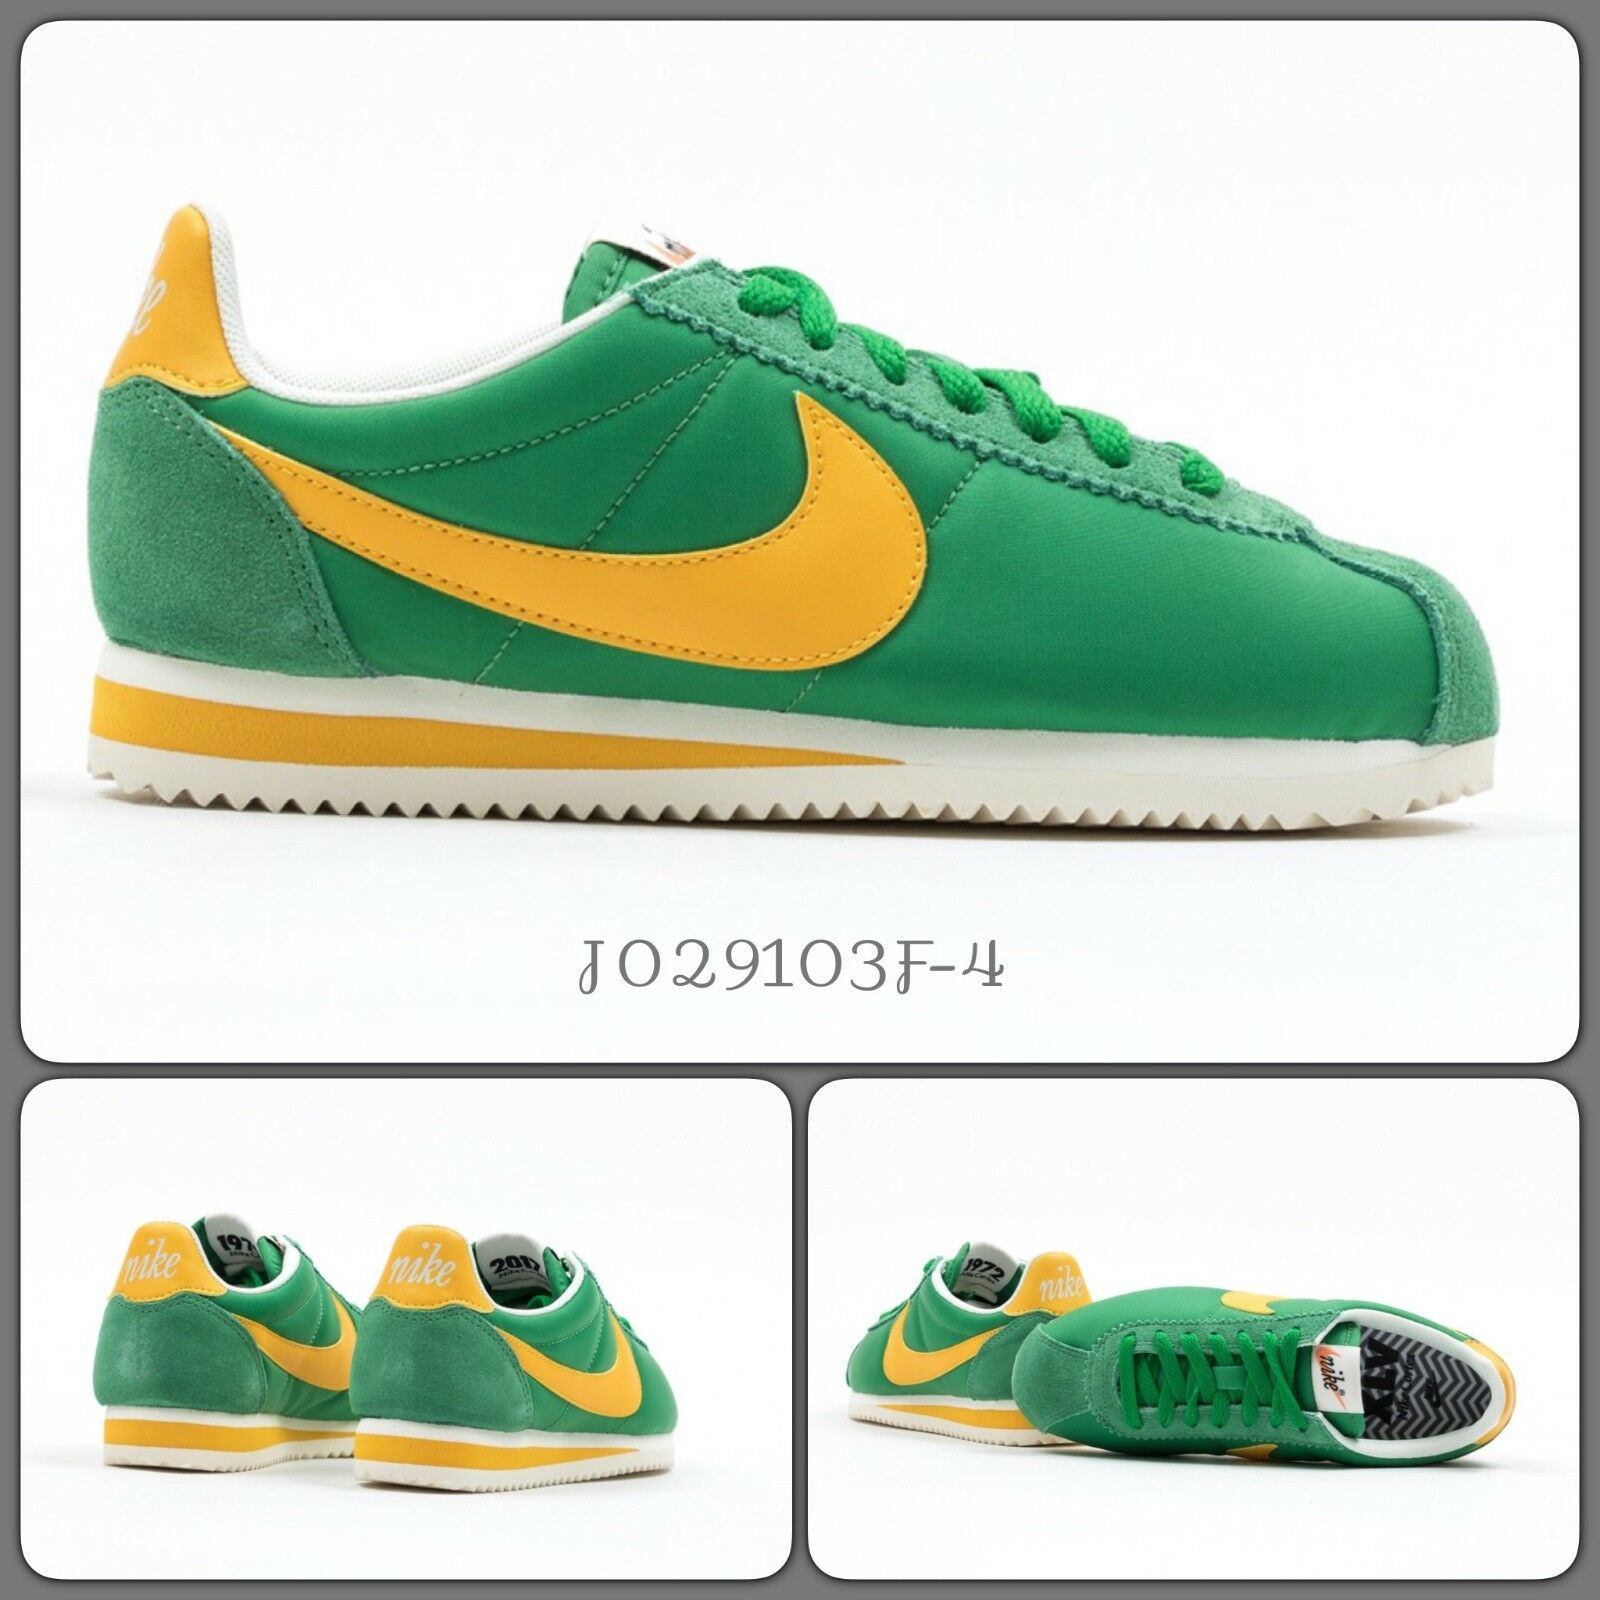 Nike Cortez Classic Nylon OG, Oregon, 882258-101, UK 4.5, EU 38, US 7